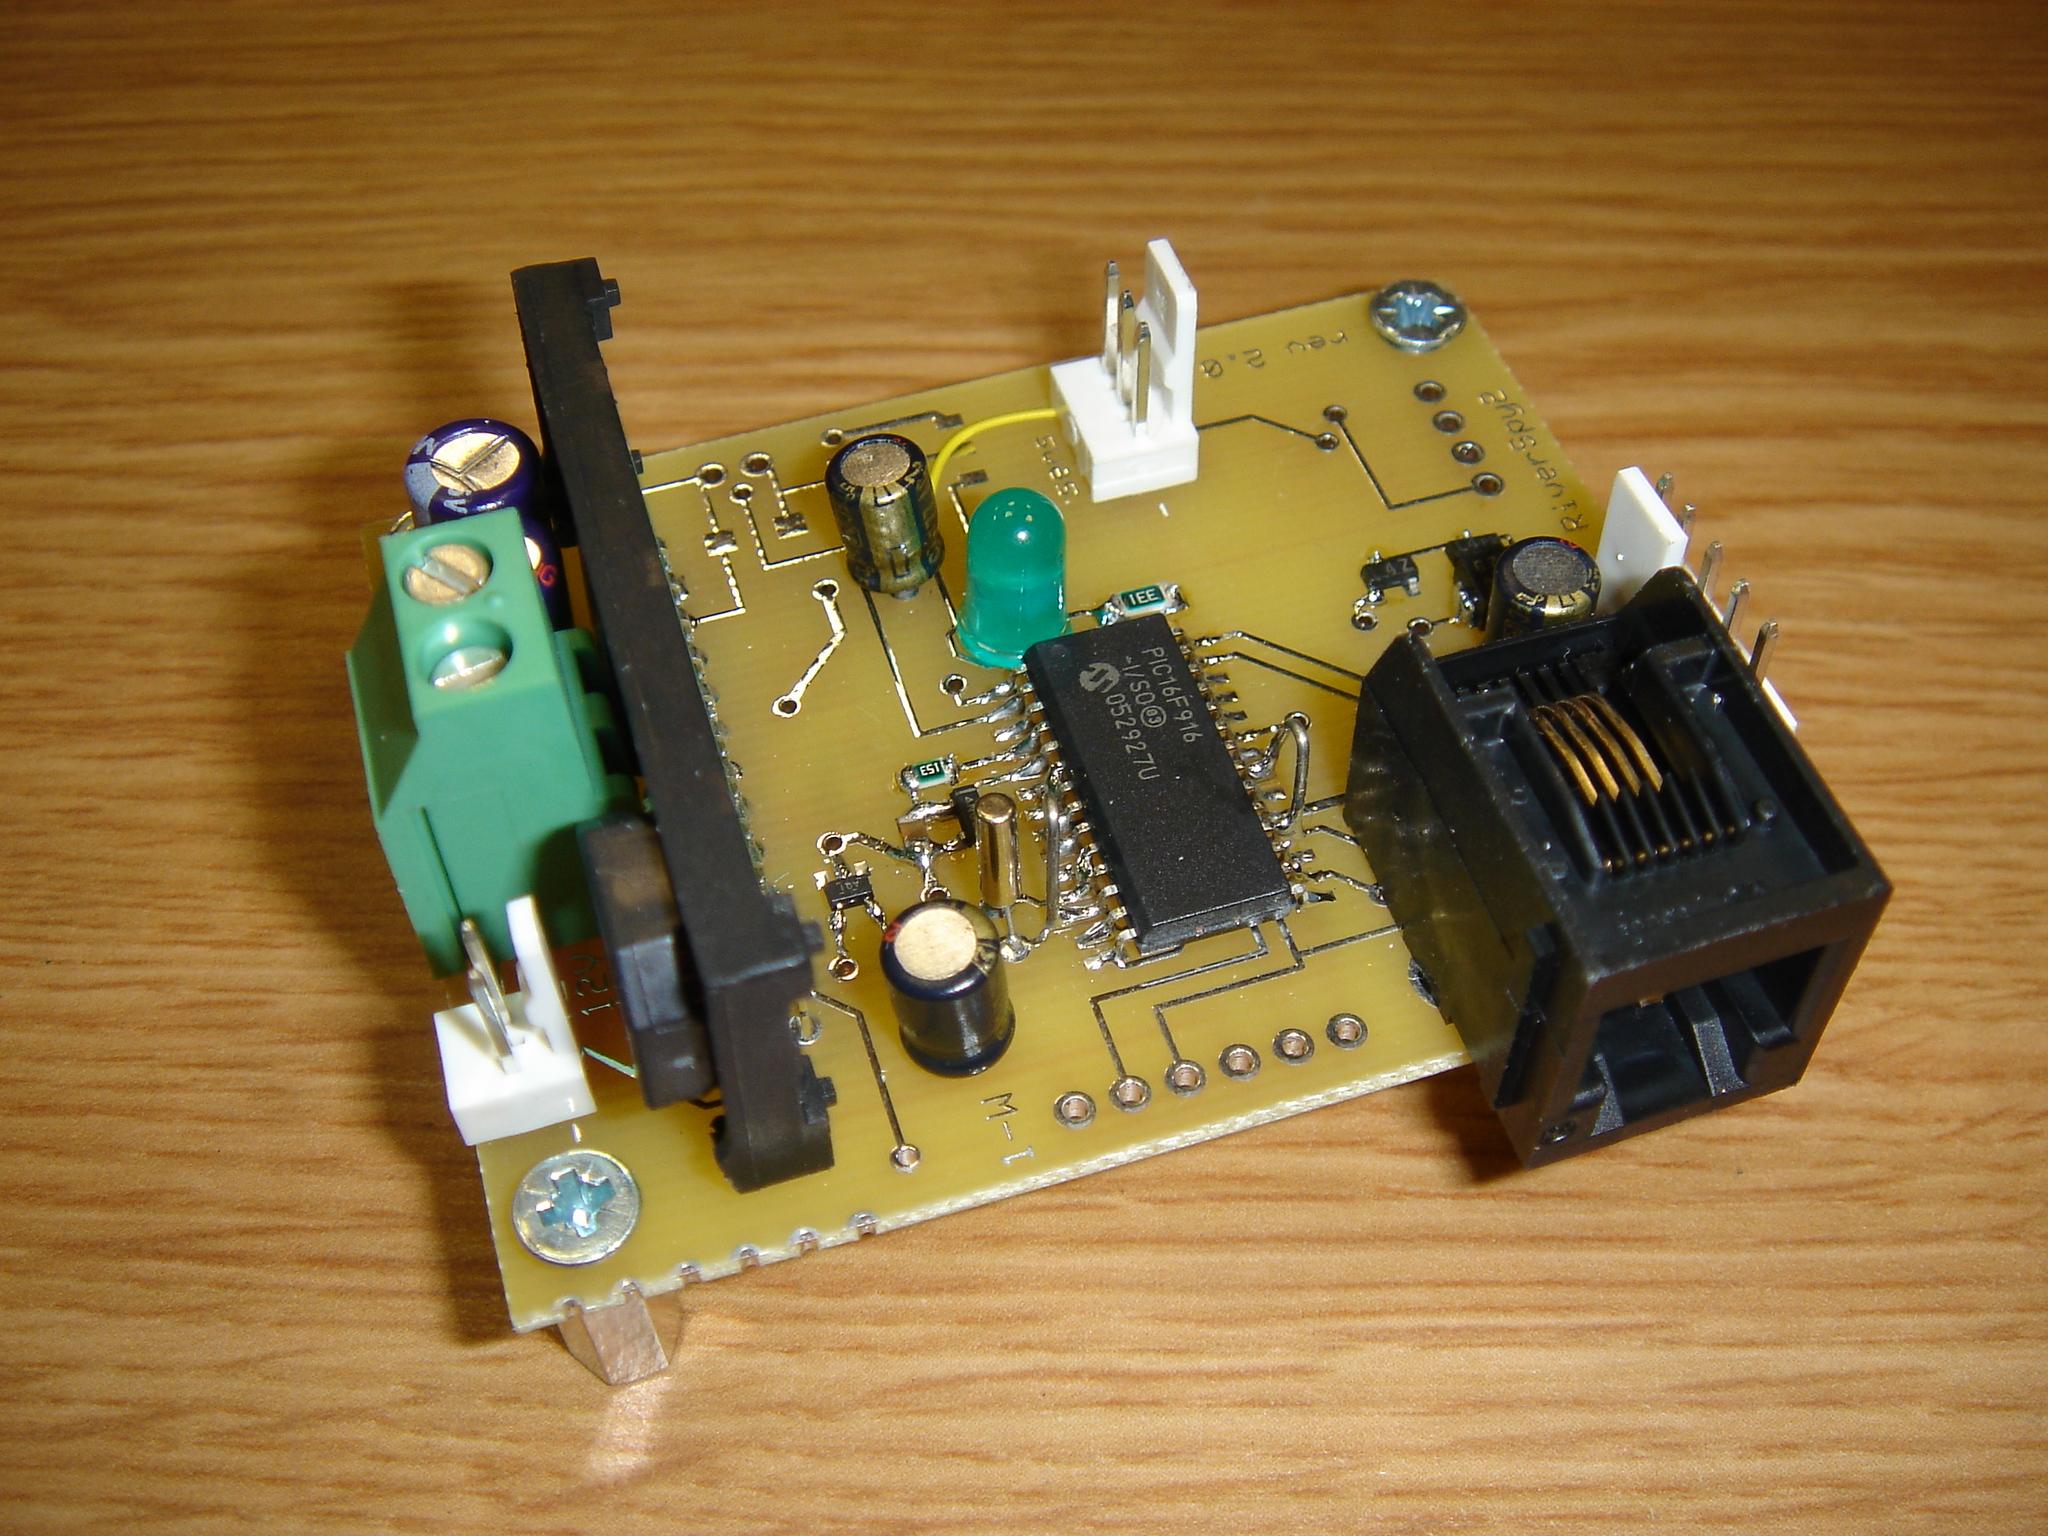 Build A Gauge Arduino Pwm Charge Controller V2 Veroboard V3 V21